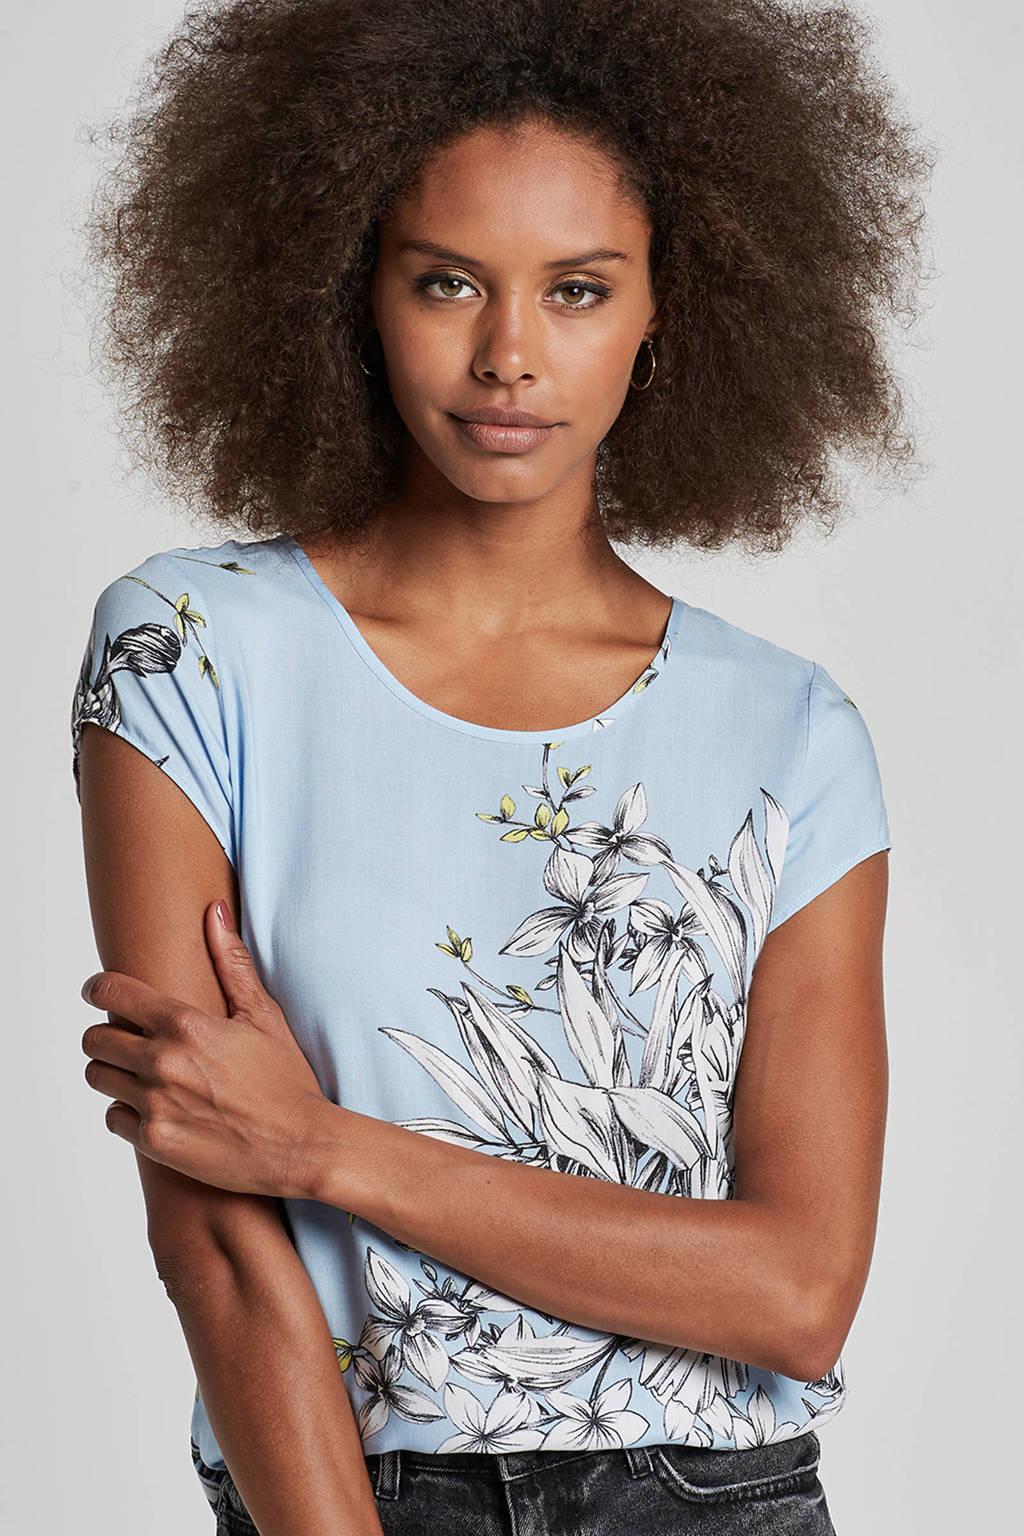 VERO MODA top met all over print, Lichtblauw/zwart/wit